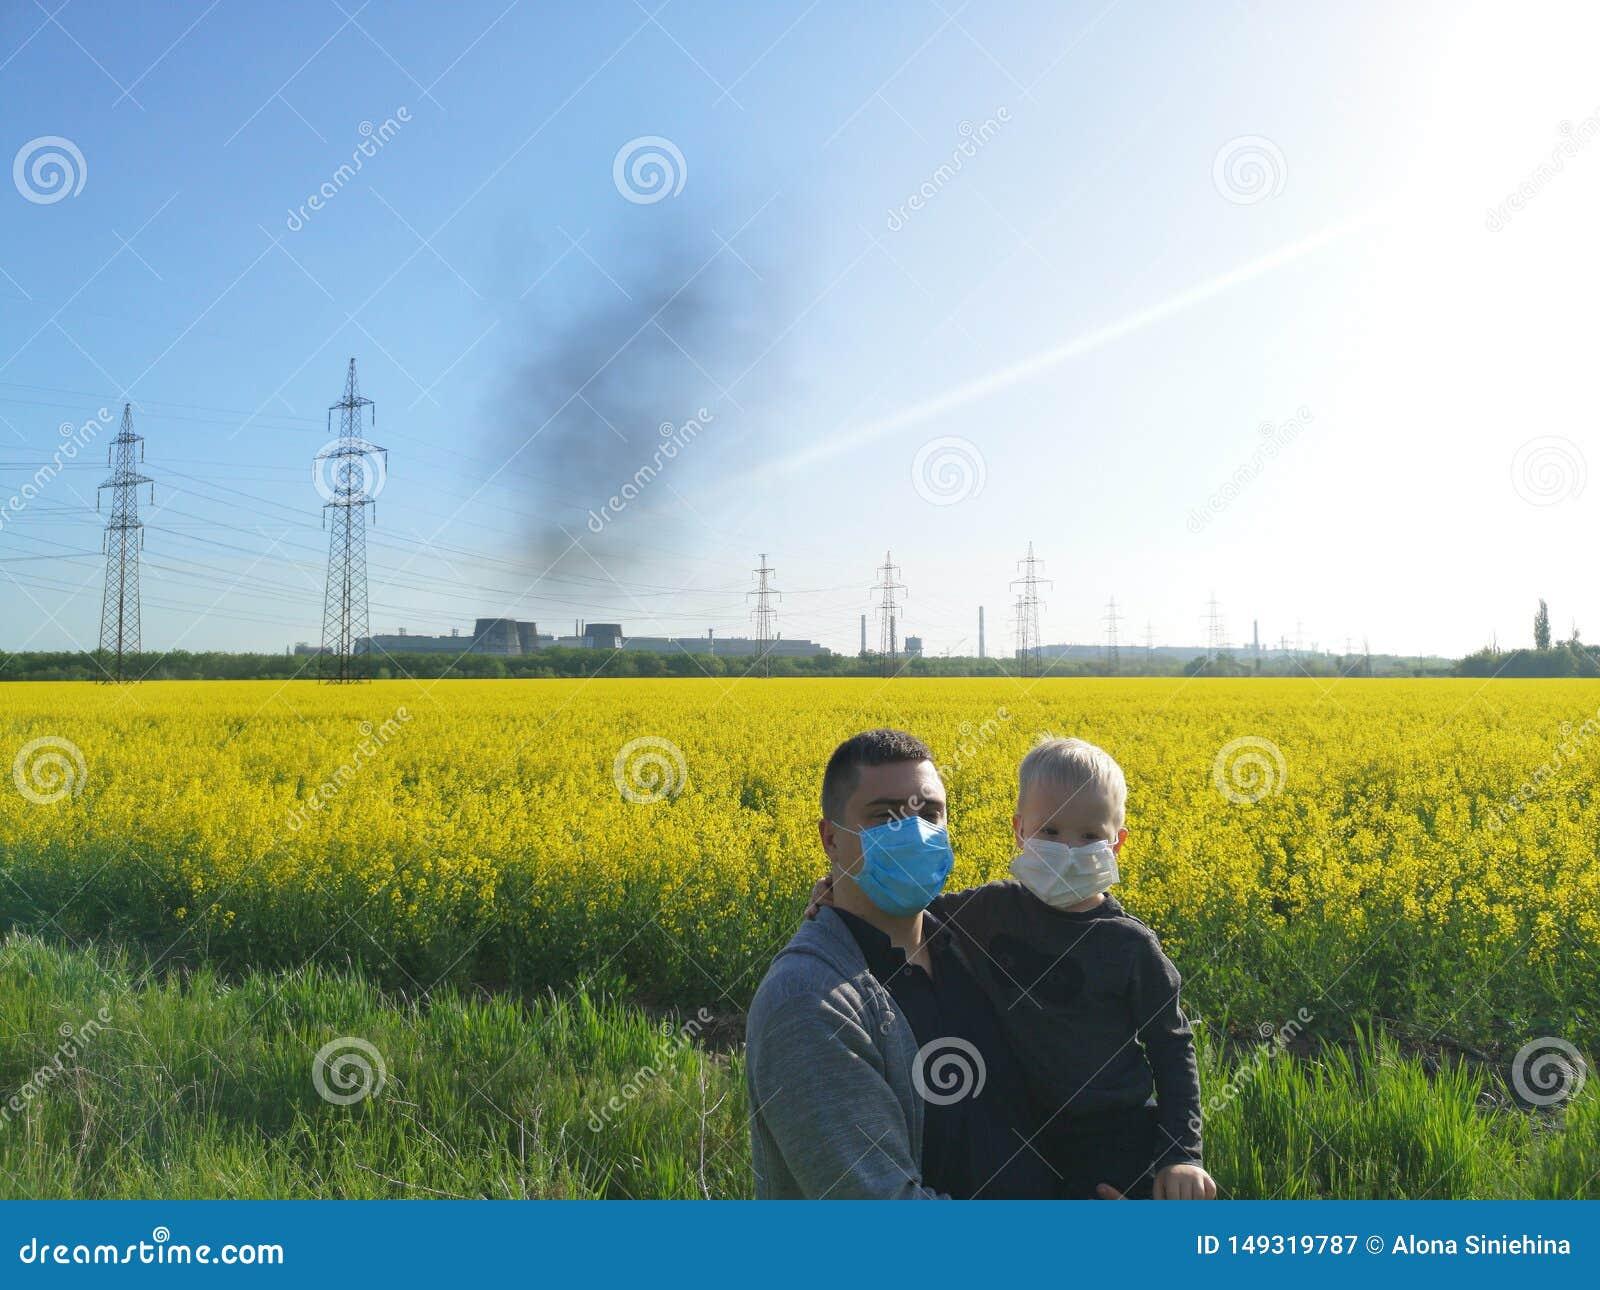 Een mens met een kind in van hem dient medische maskers op de achtergrond van de installatie in Het concept milieuvervuiling, eco